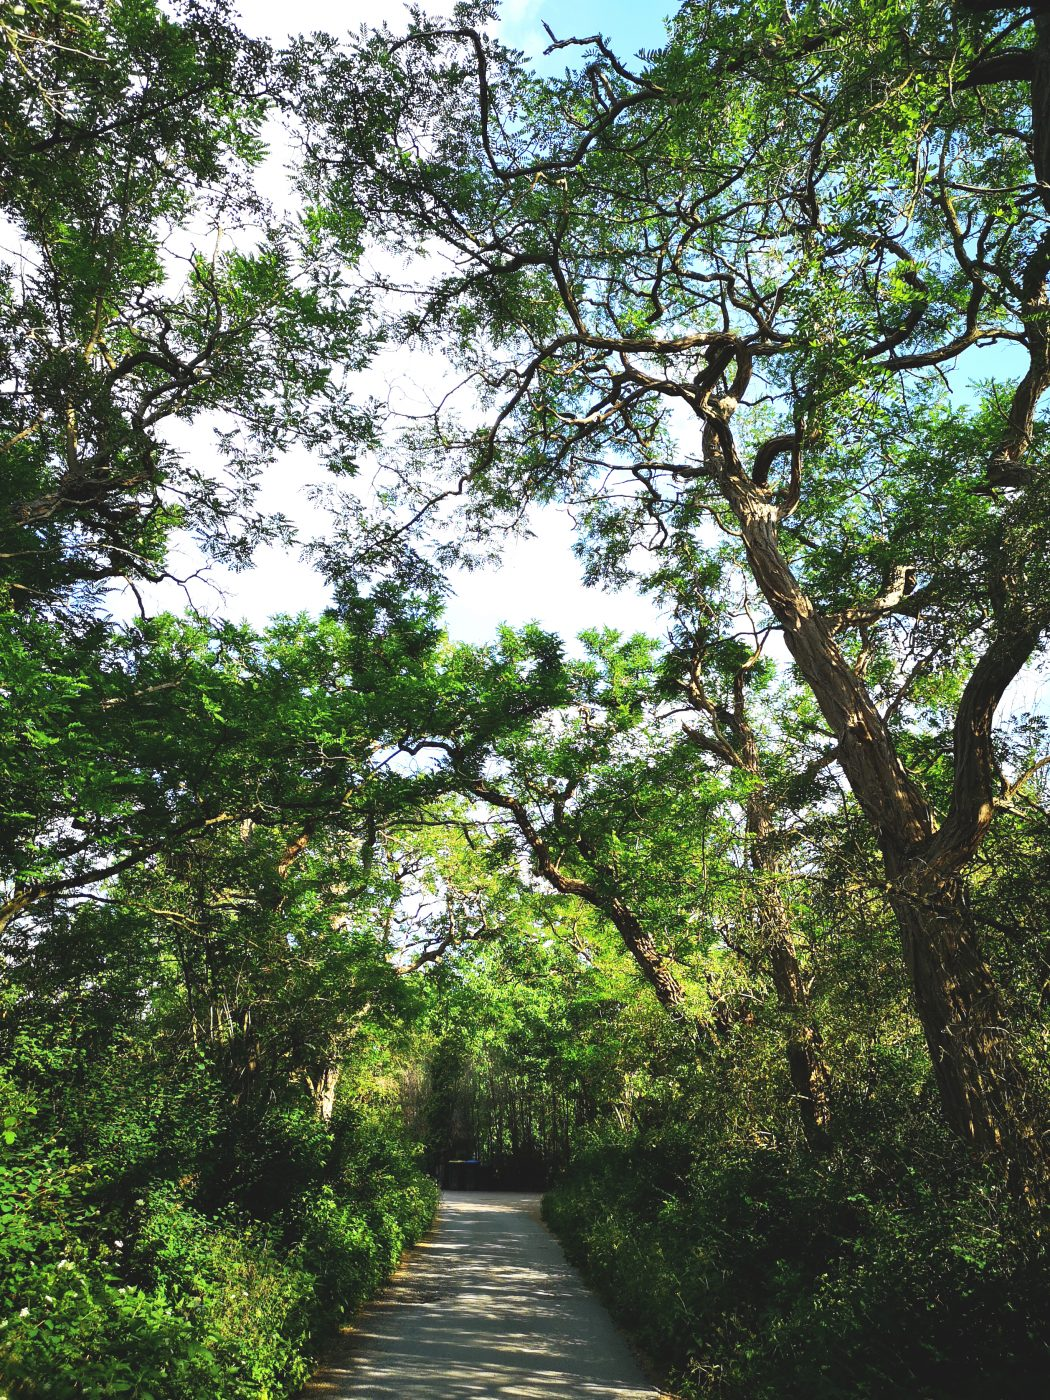 Das Bild zeigt einen Weg mit Bäumen überrankt.